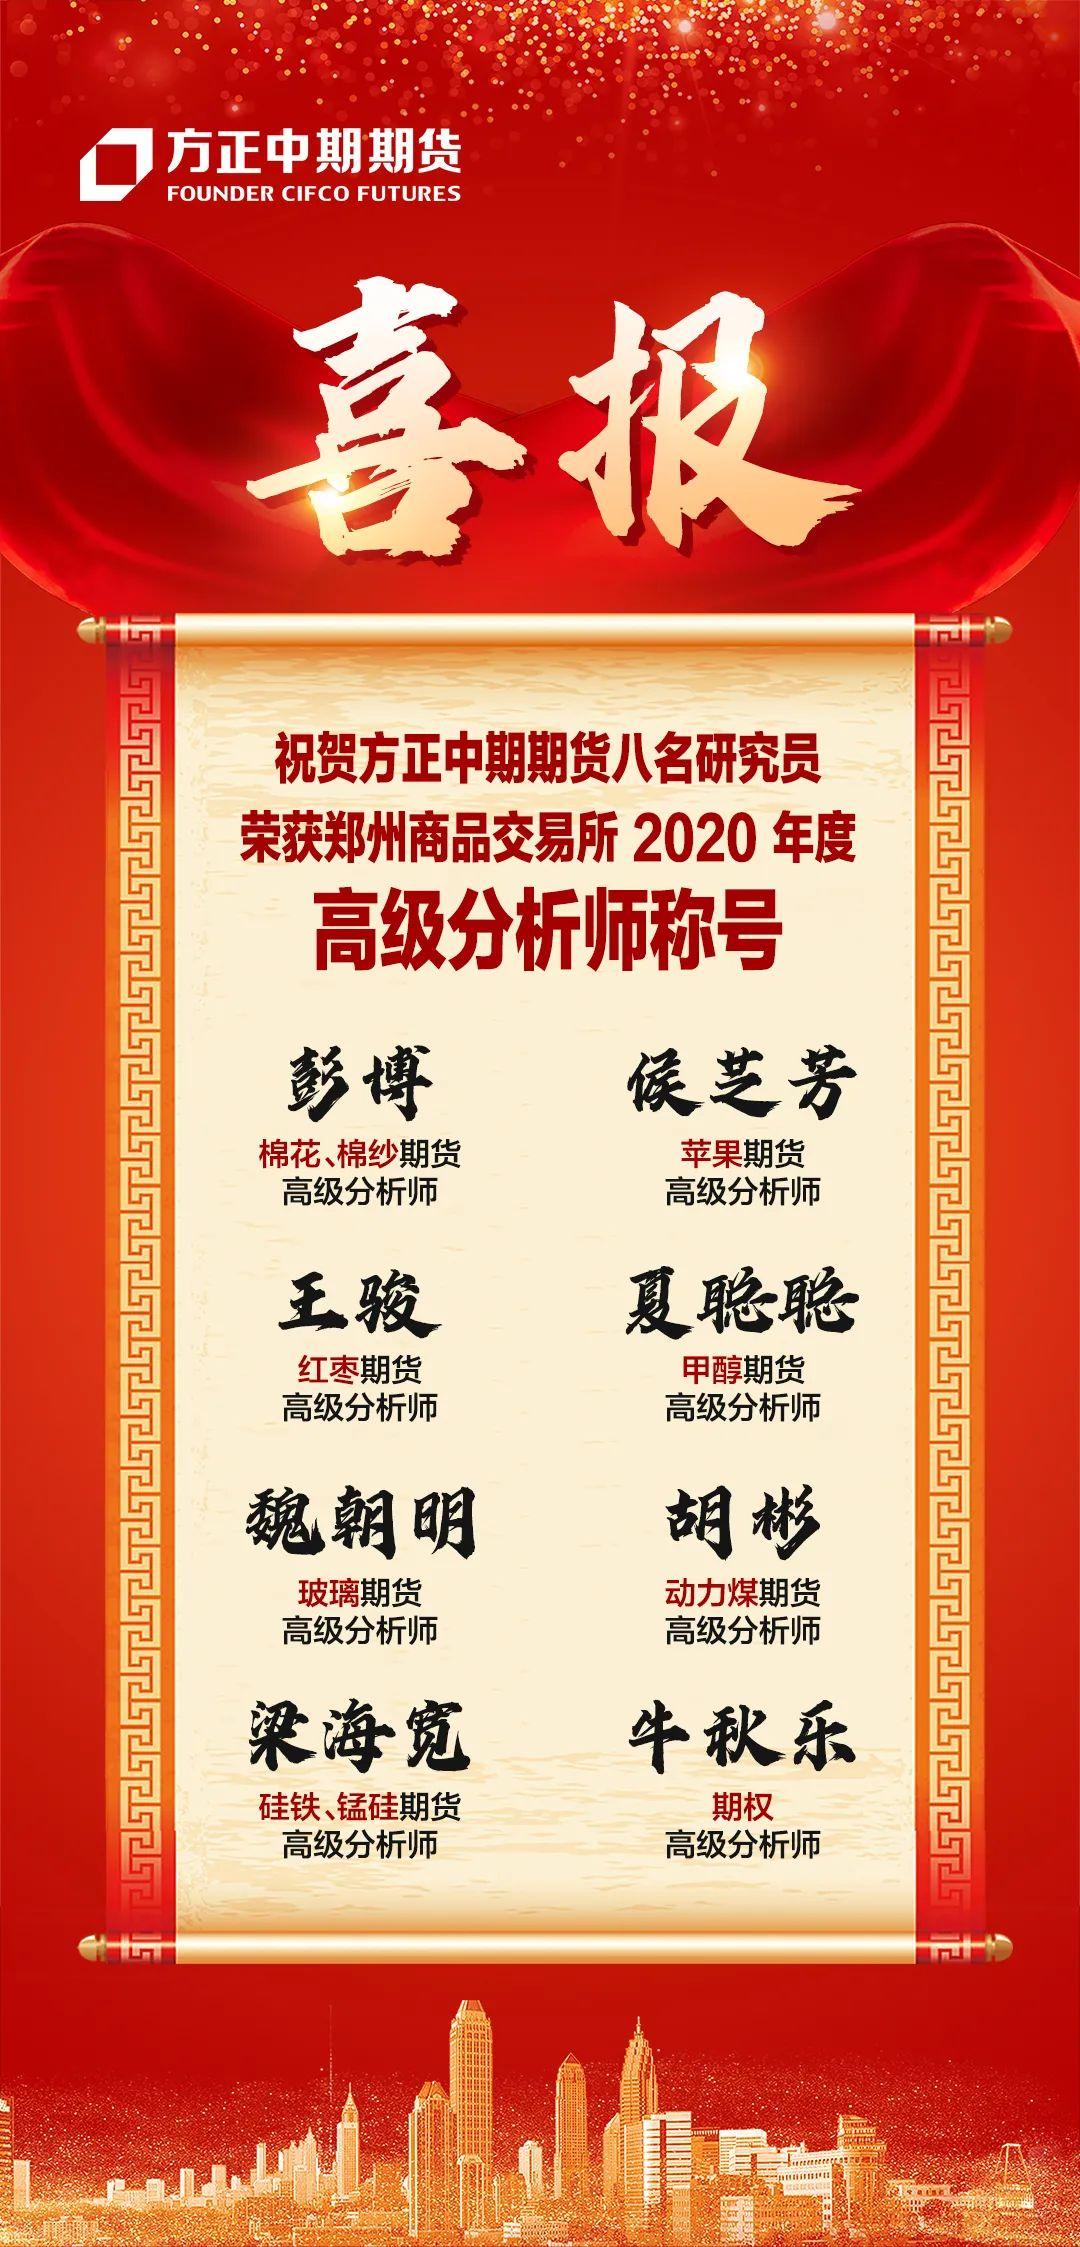 【喜报】方正中期期货八名研究员荣获郑州商品交易所2020年度高级分析师称号